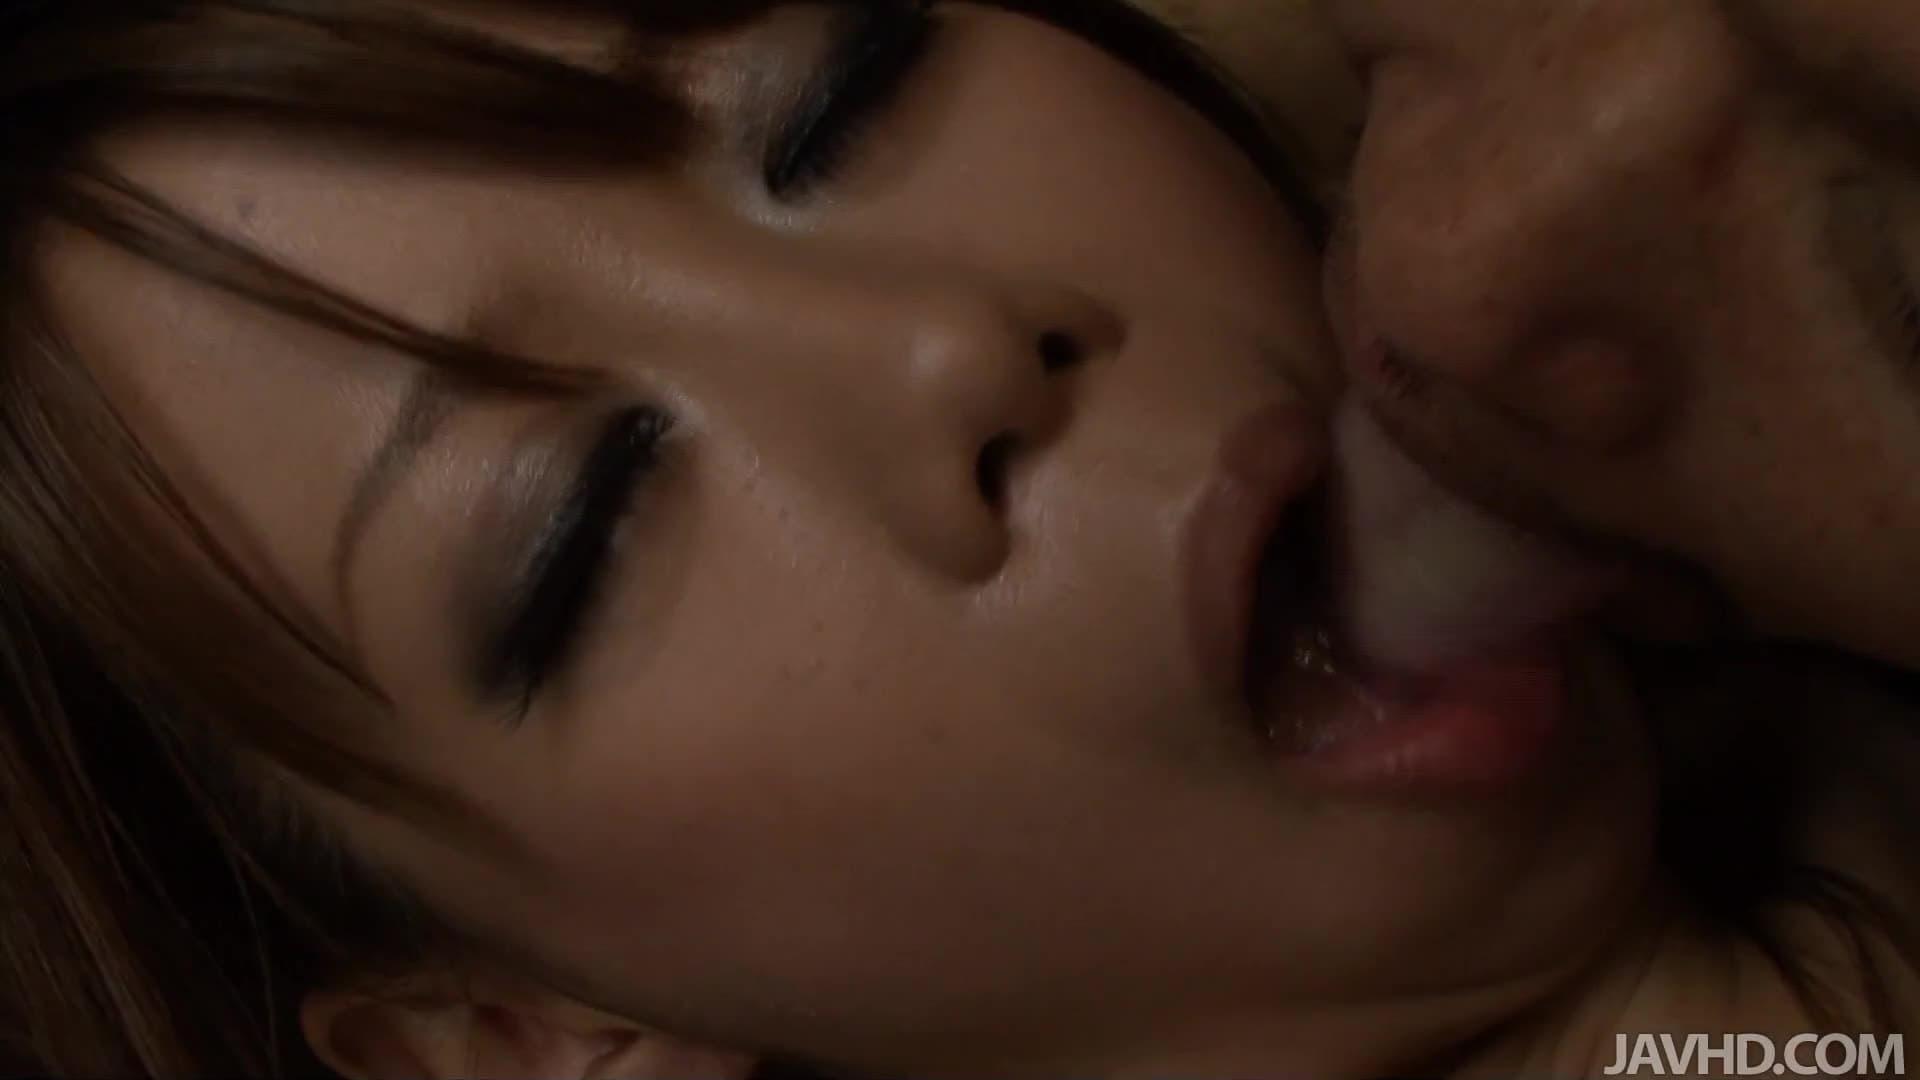 Scegli per Candy Love nude in una selezione incredibile di video porno hard GRATIS.